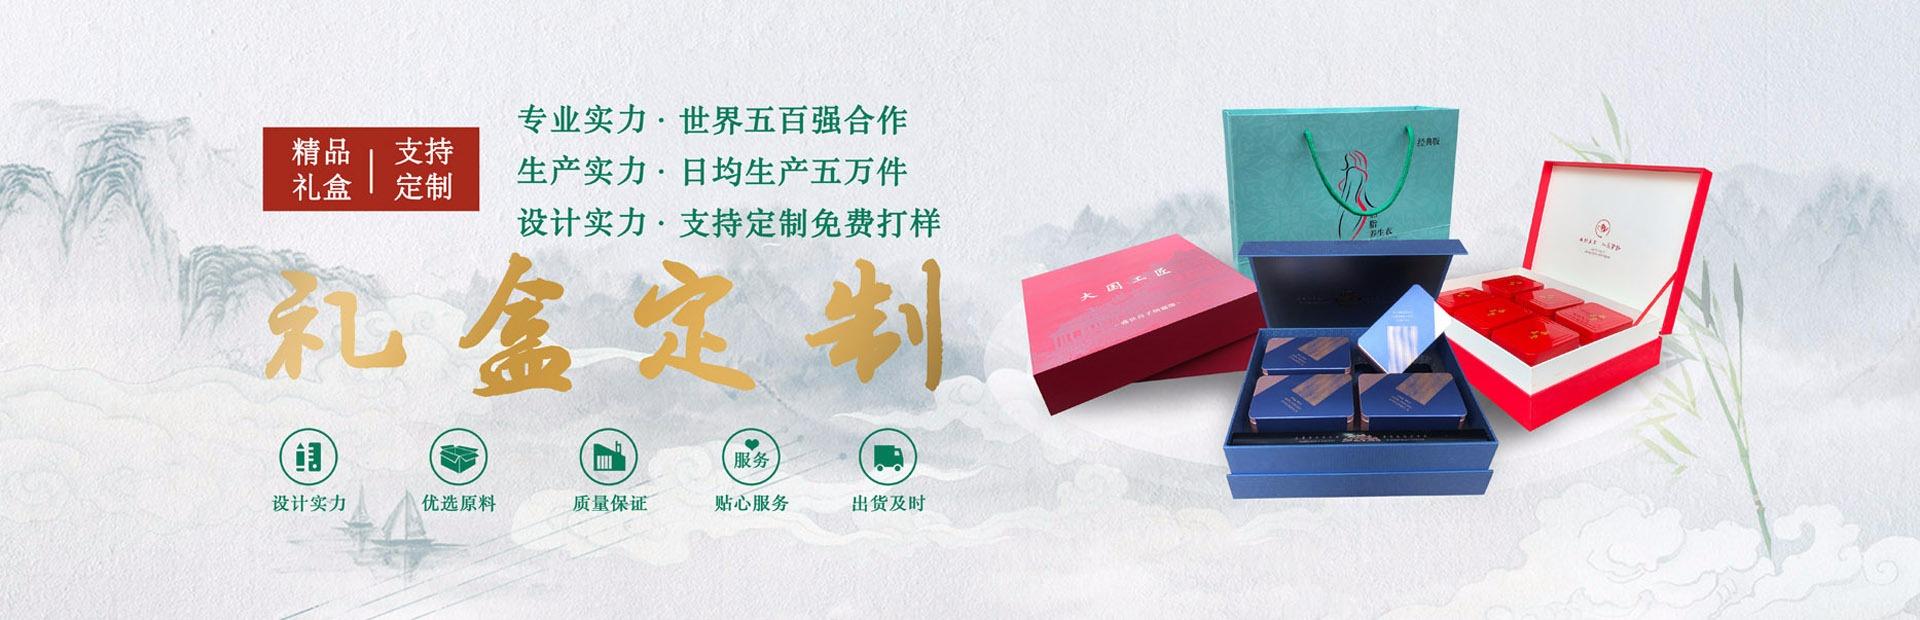 礼盒系列-gai